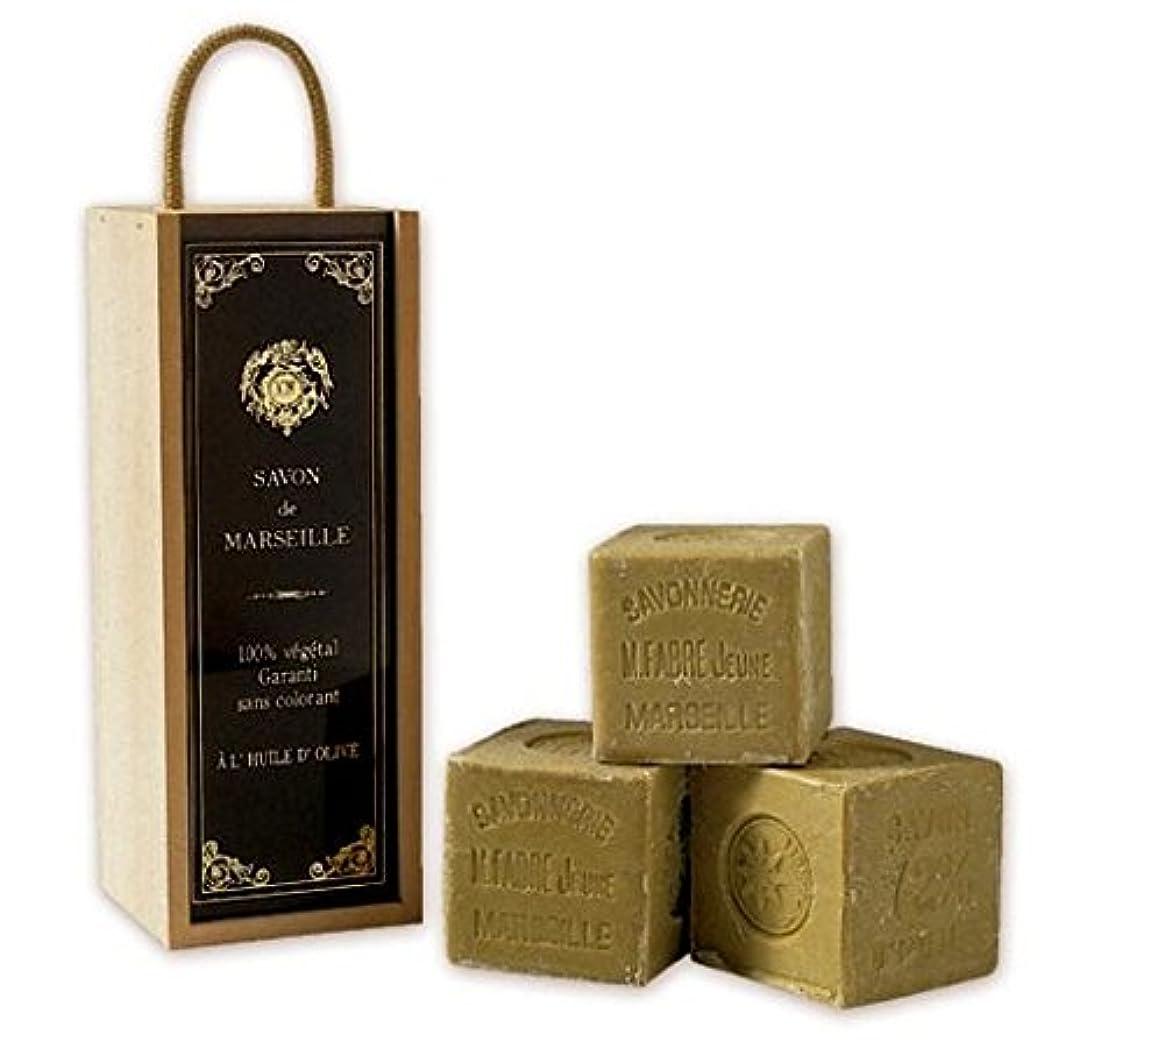 セクタコーヒー窒素MARIUS FABRE サボン ド マルセイユ オリーブ ビッグキューブギフト(無香料)